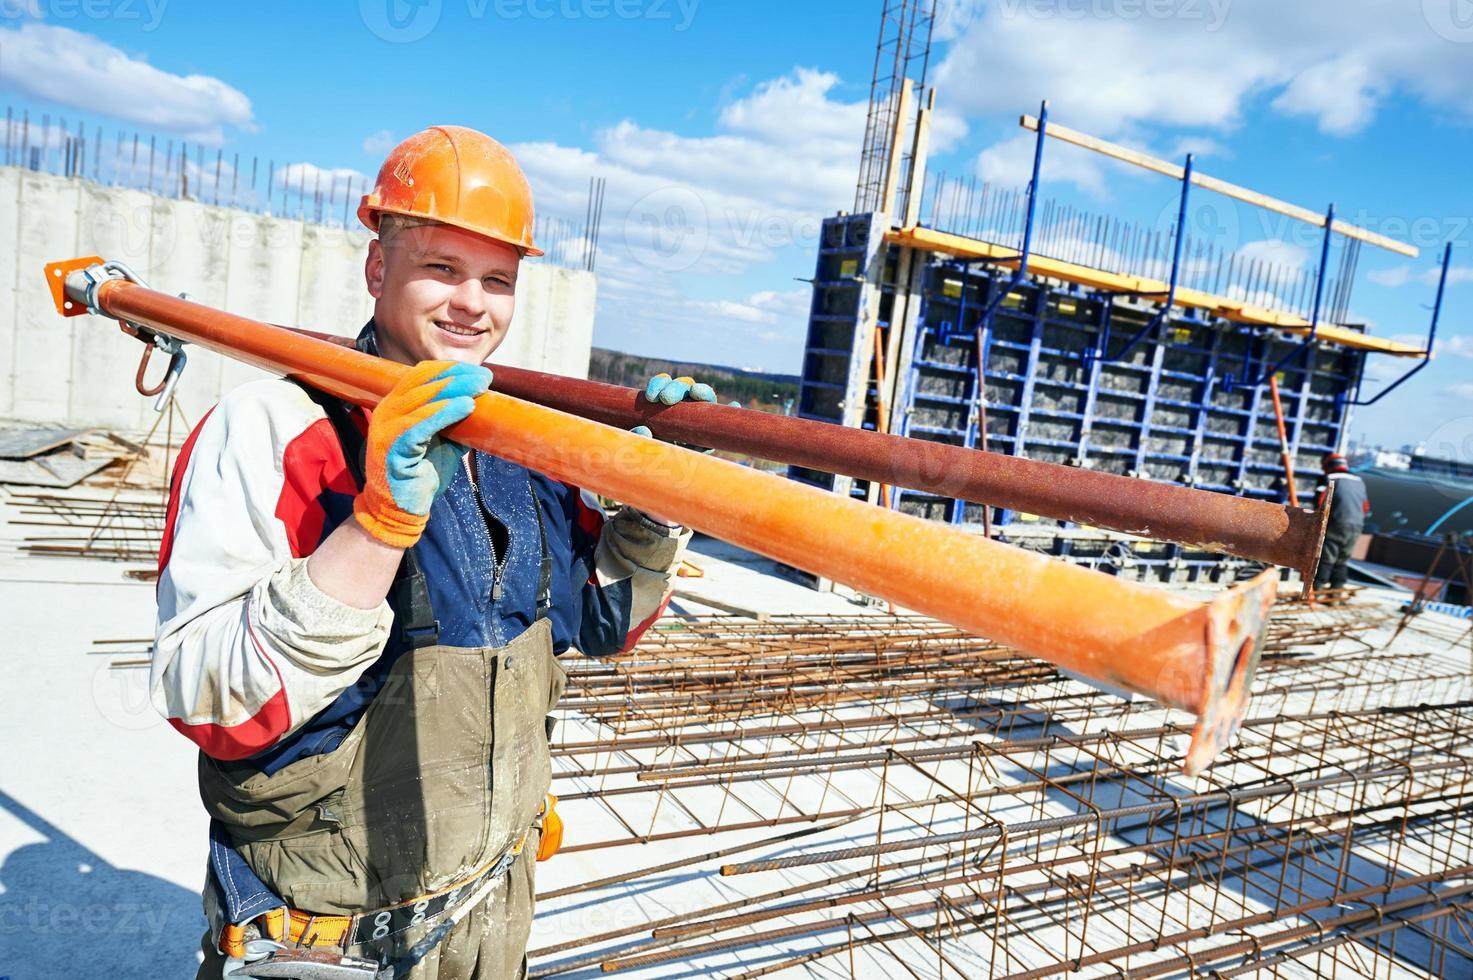 byggnadsarbetare på byggarbetsplatsen foto